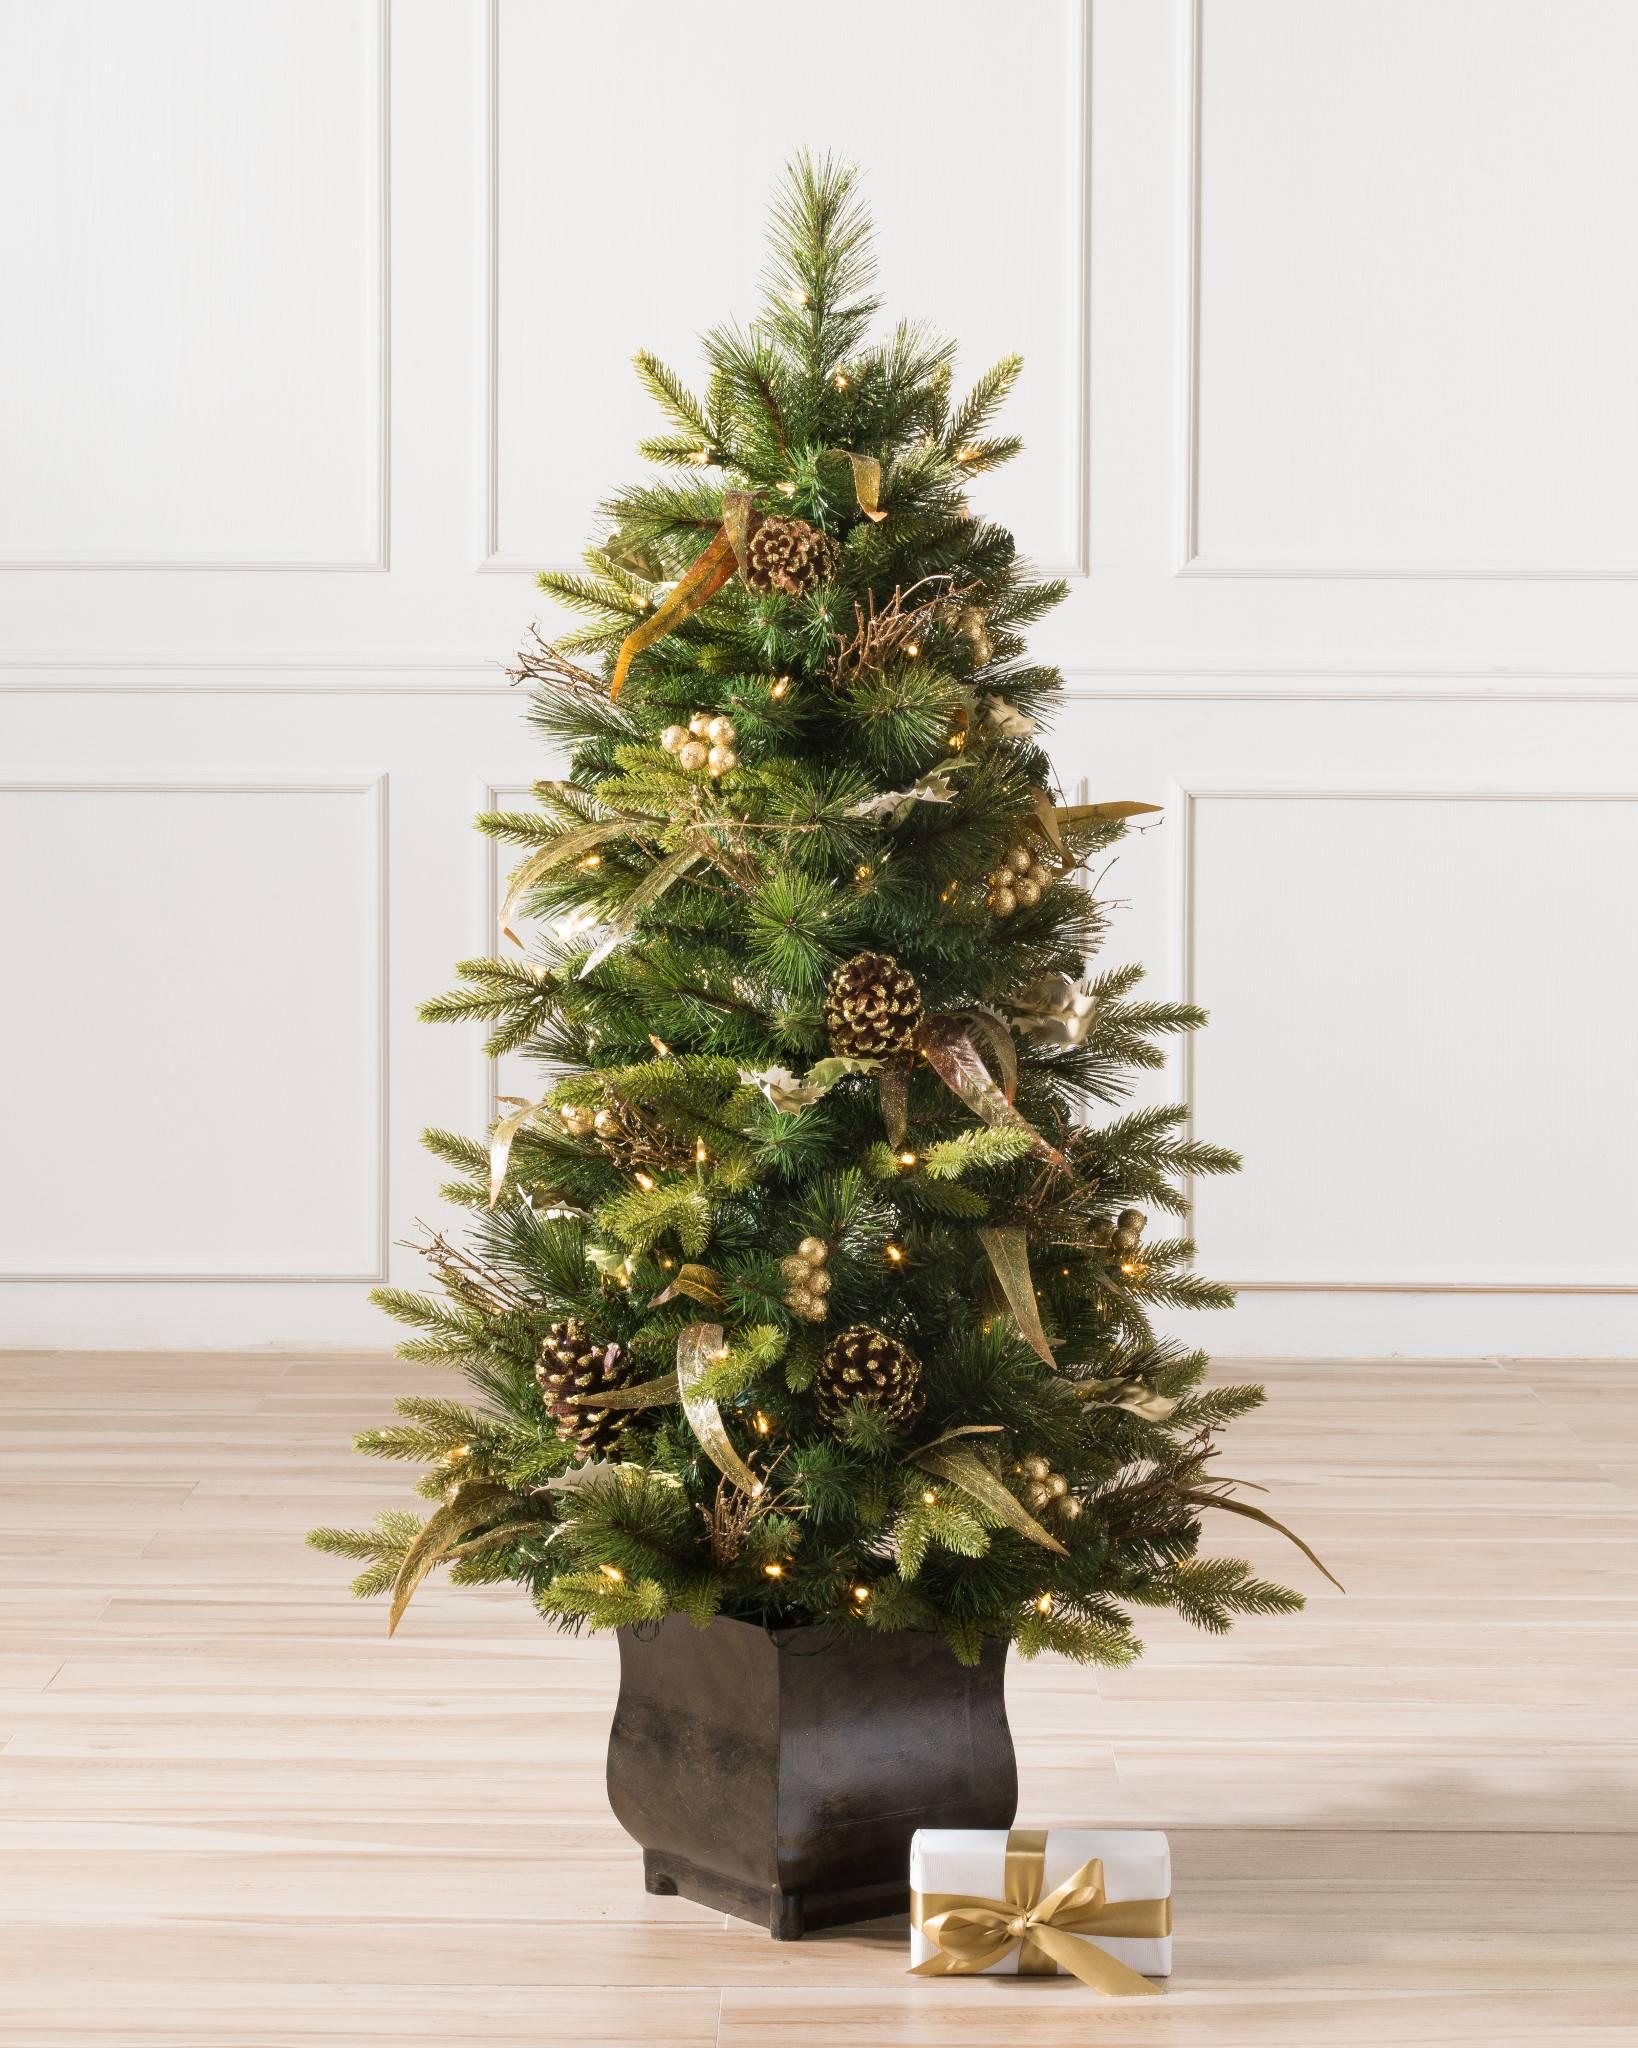 kleiner weihnachtsbaum im topf balsam hill. Black Bedroom Furniture Sets. Home Design Ideas